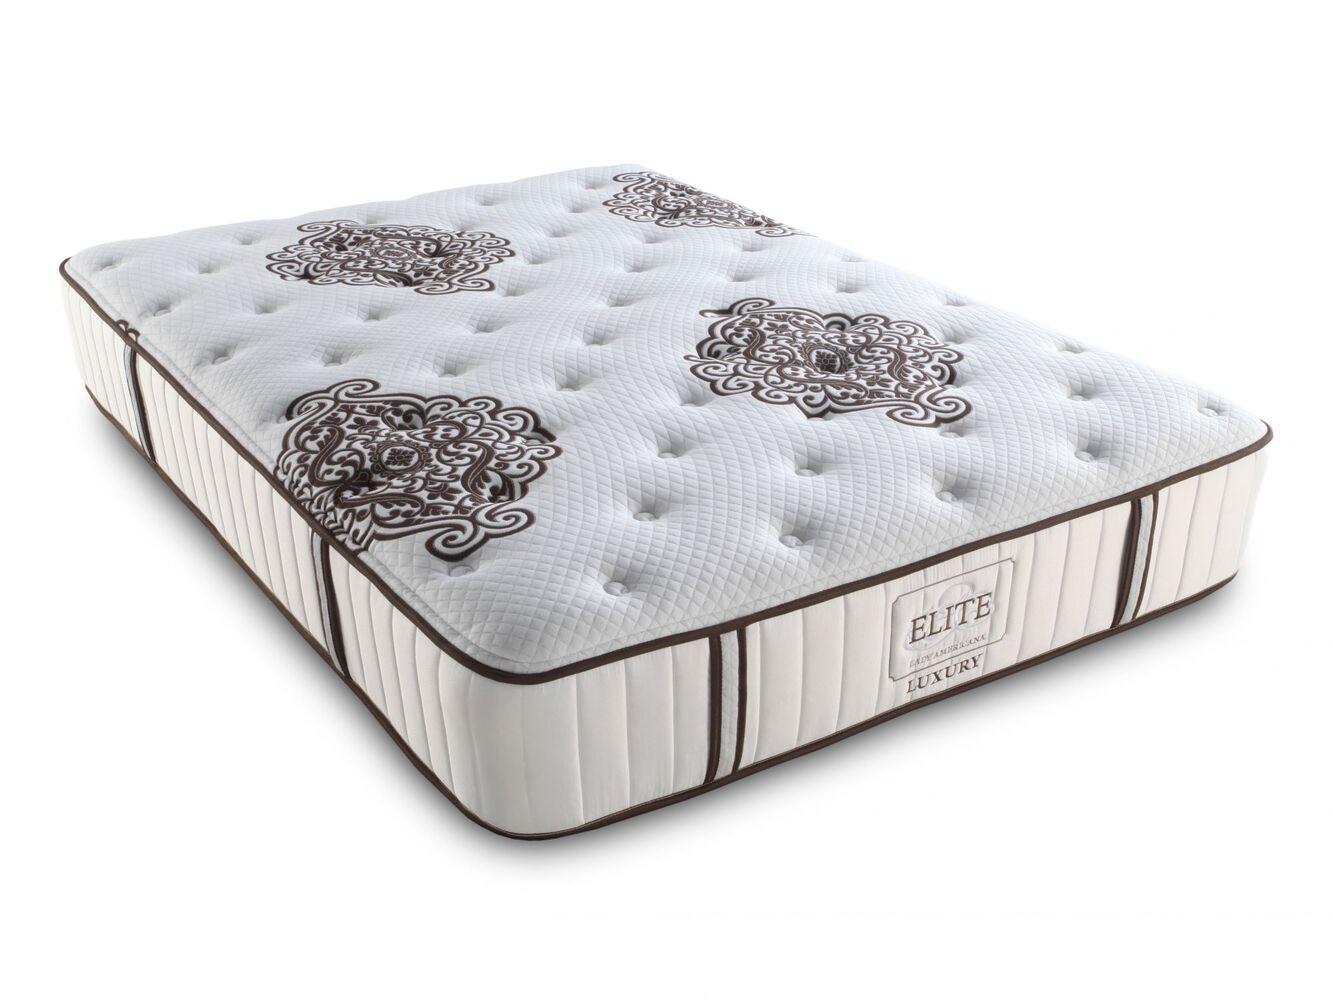 mattress price lady americana mattress price